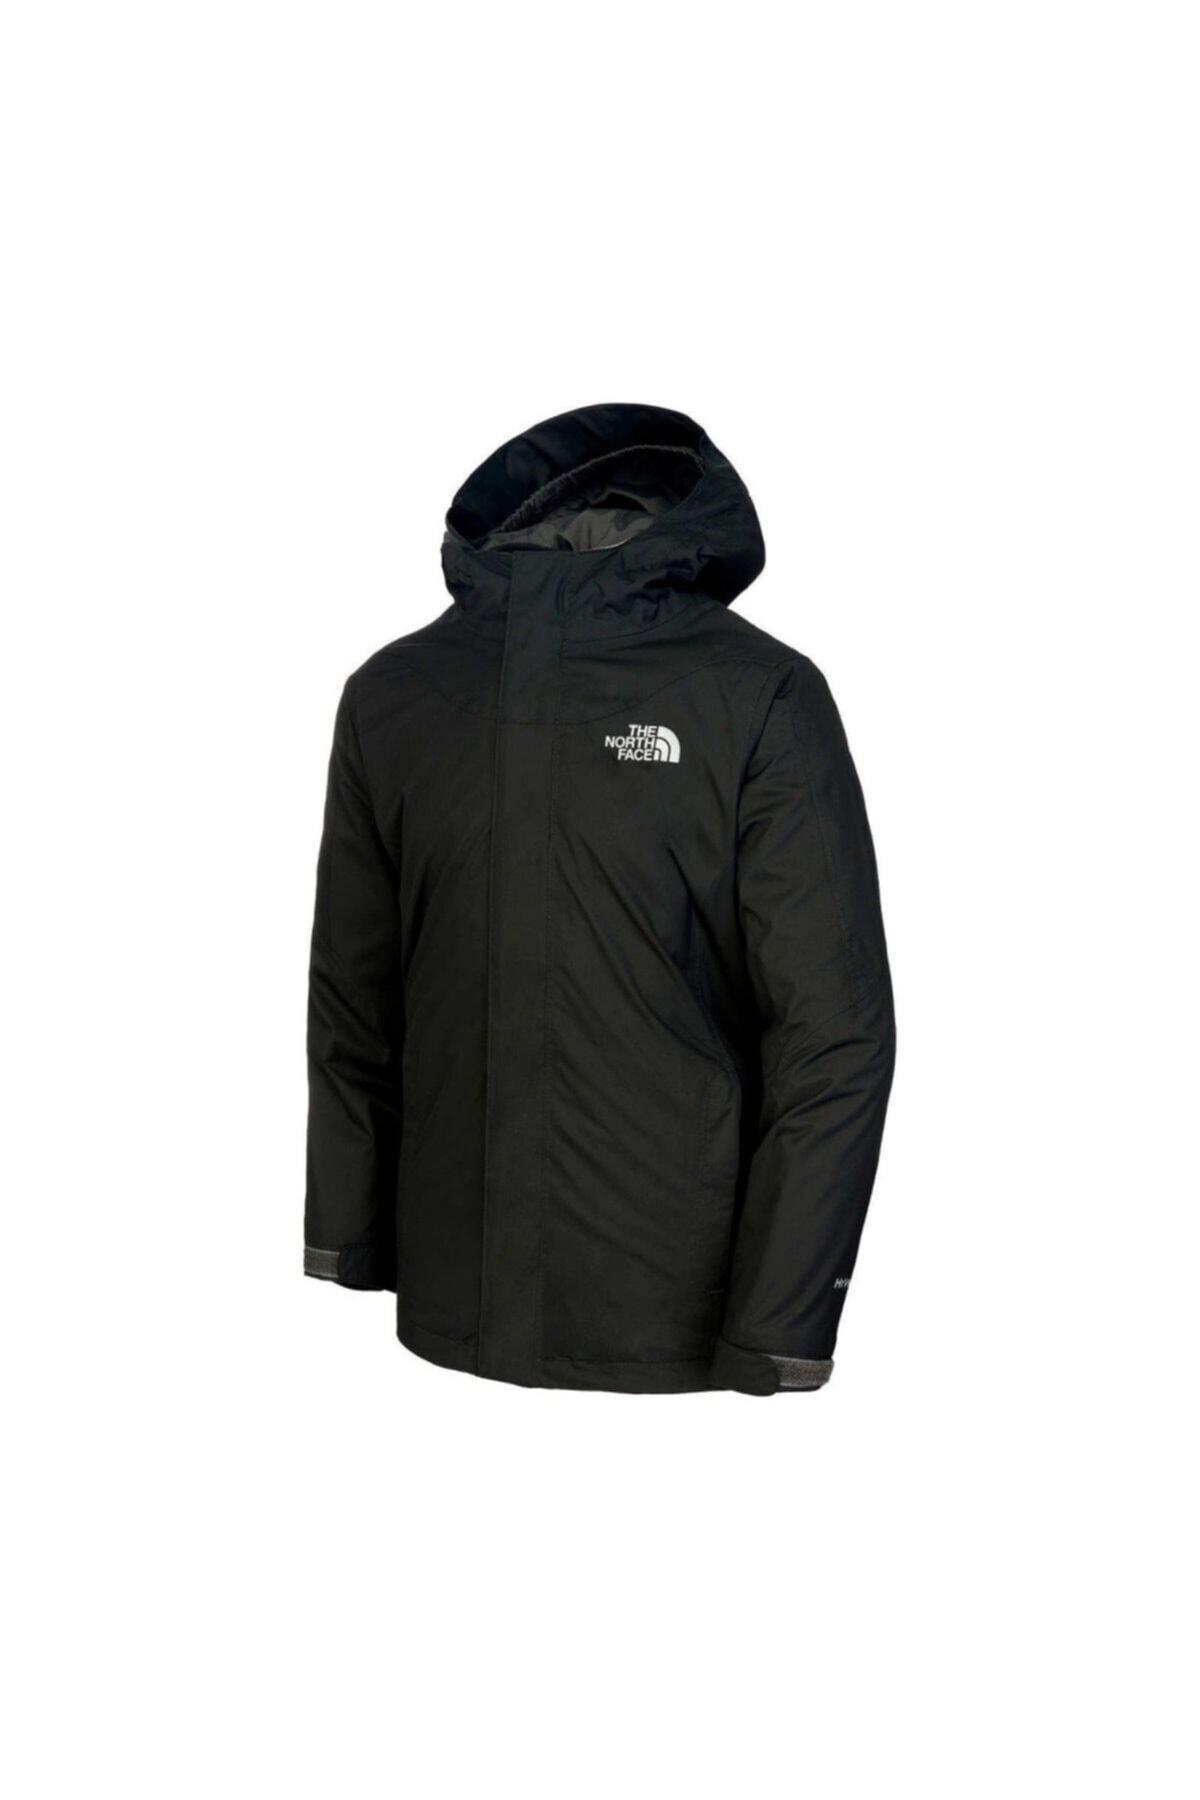 سفارش انلاین گرمکن ورزشی ساده برند The North Face رنگ مشکی کد ty69762655